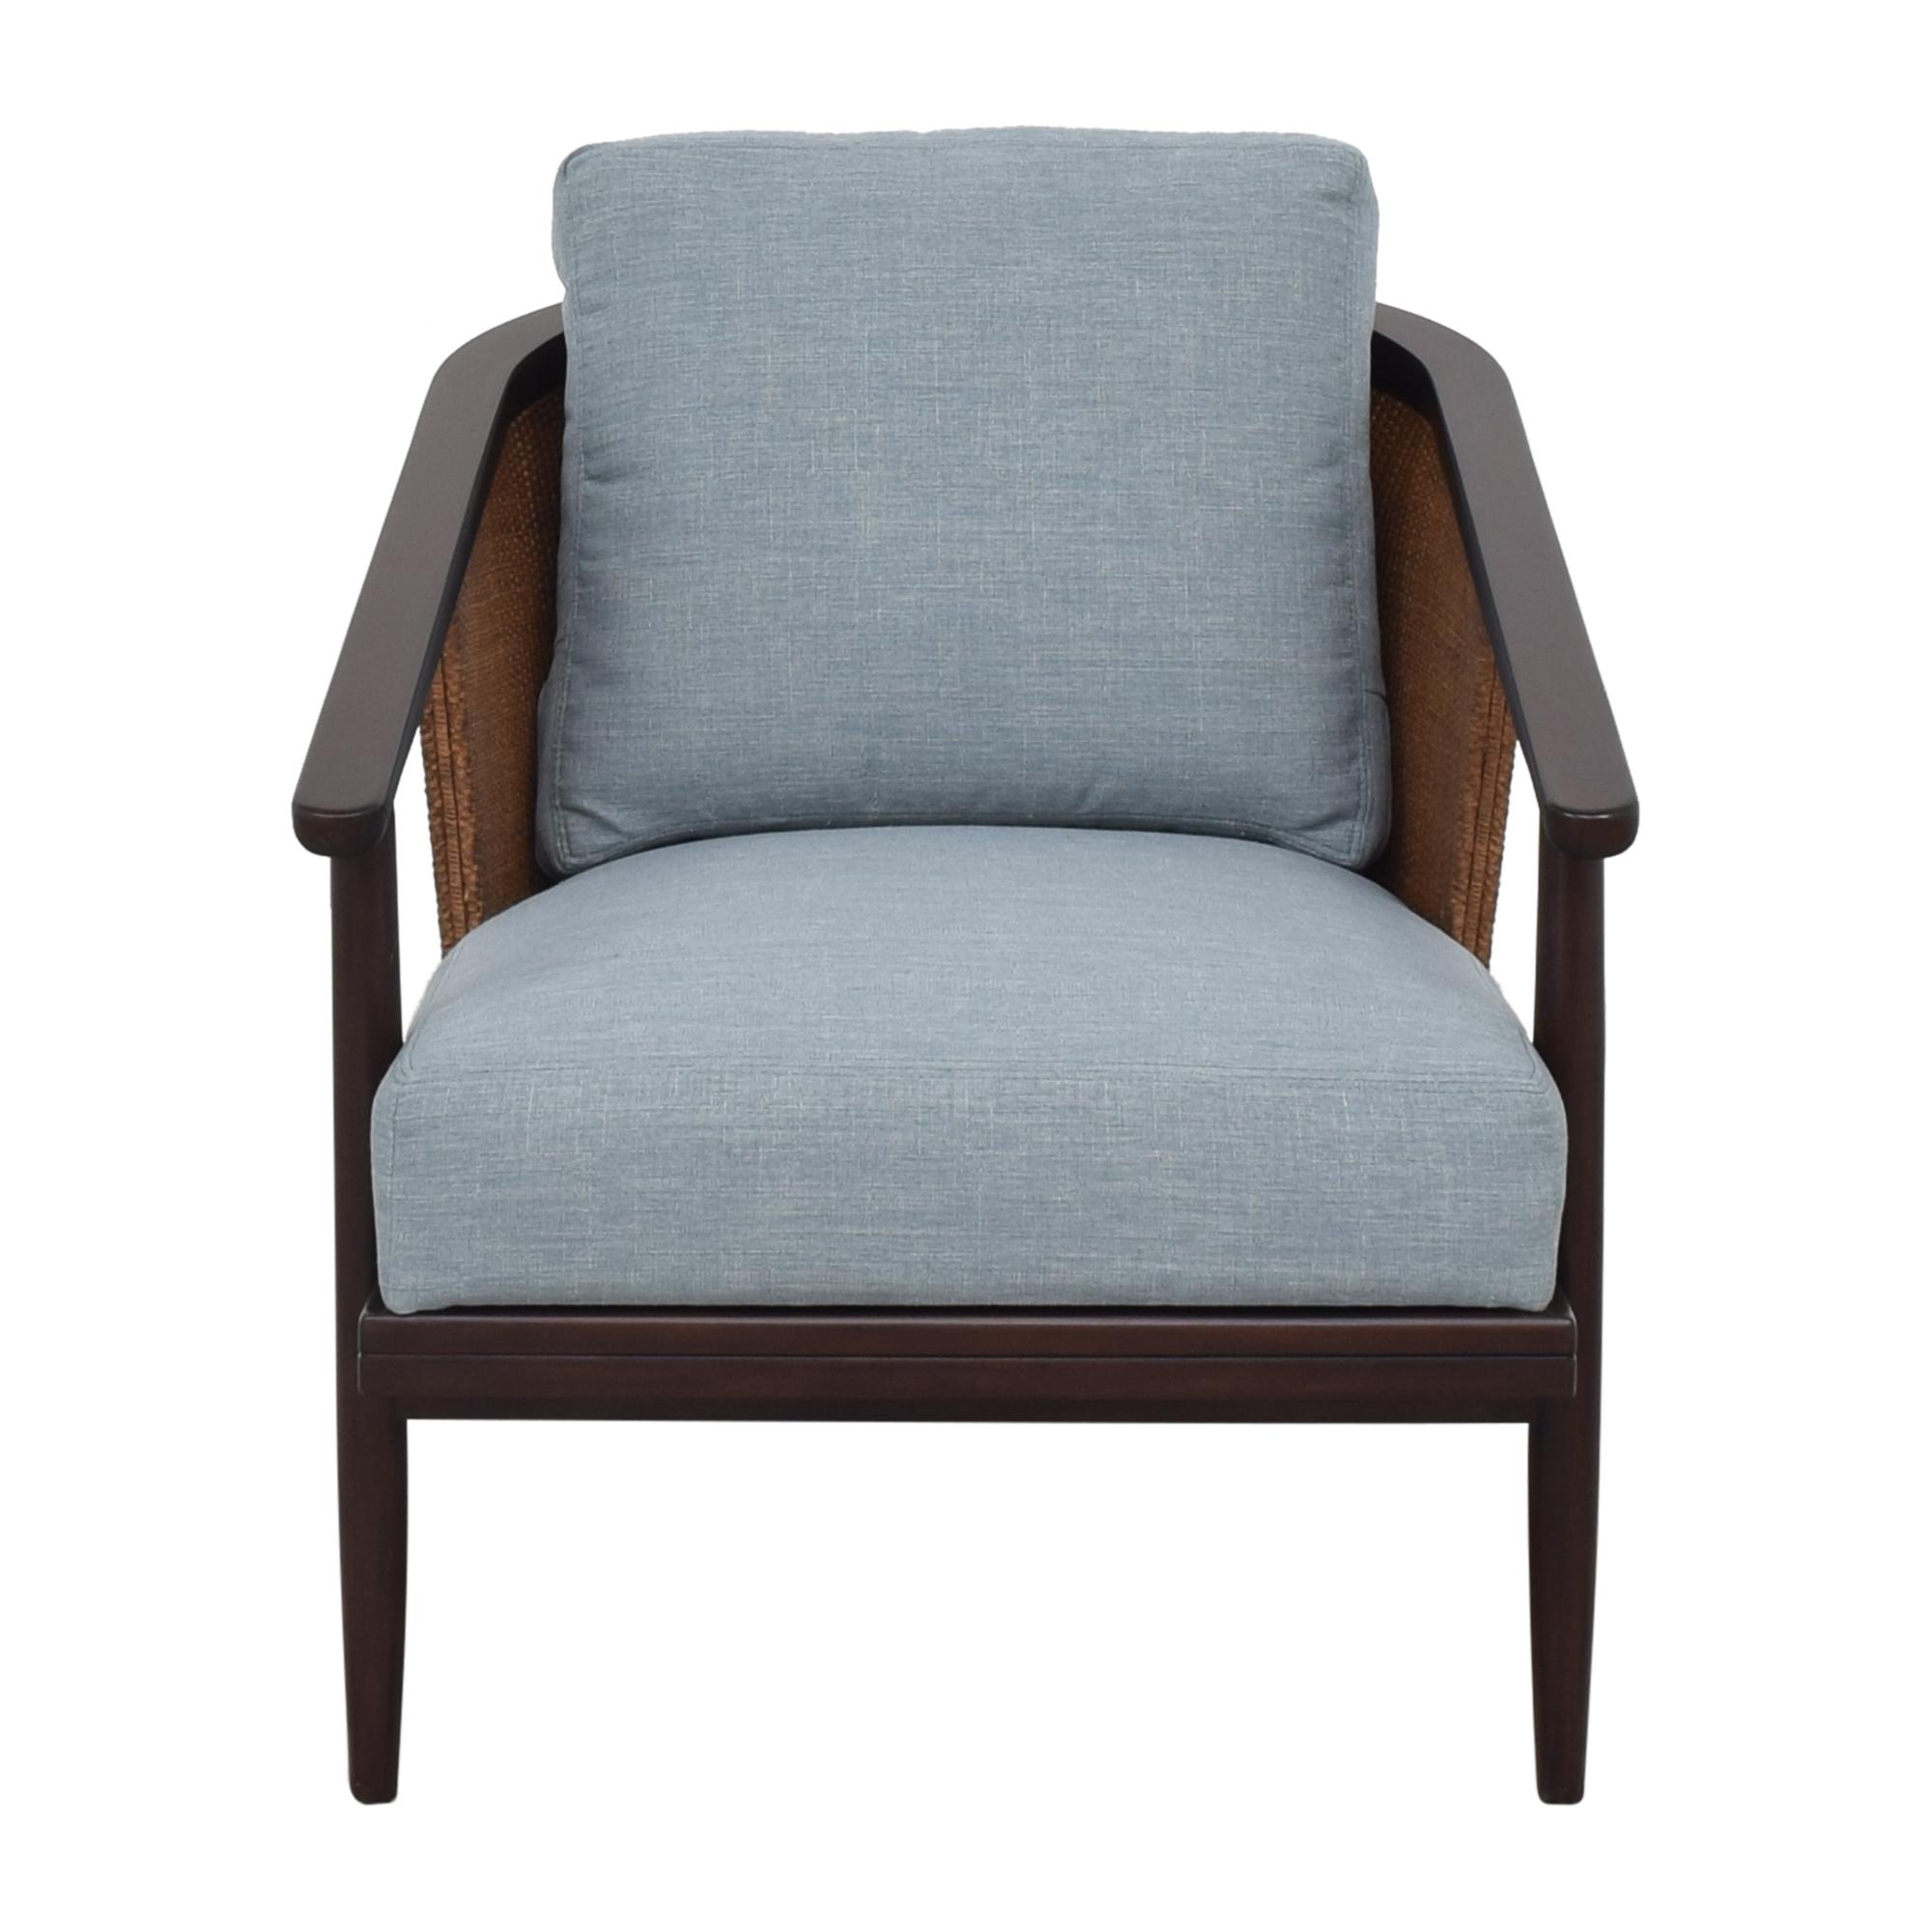 shop Ethan Allen Ethan Allen Lela Woven Barrel Chair online